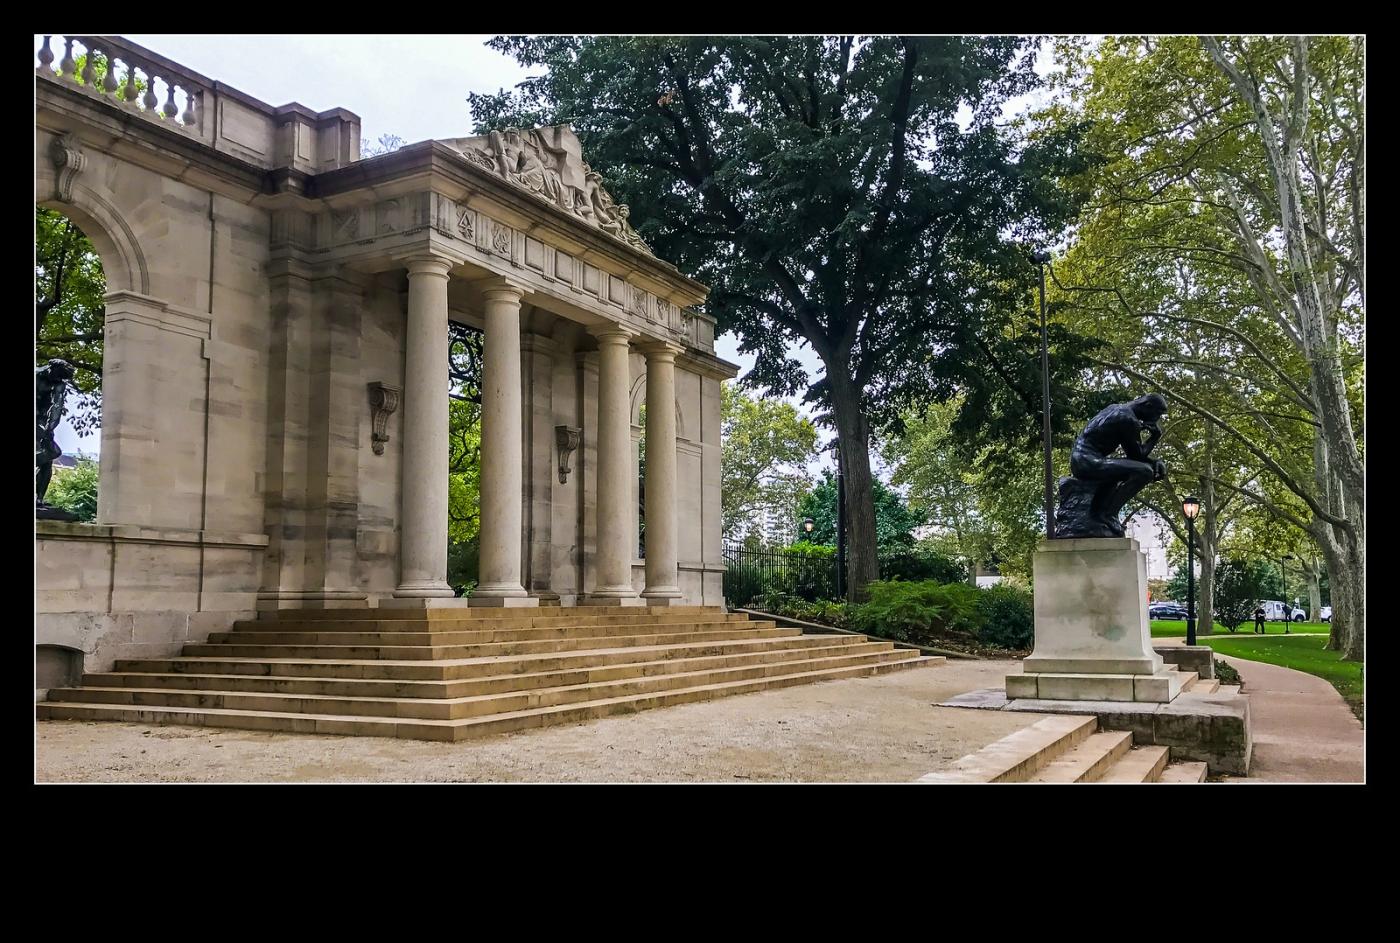 费城罗丹博物馆,值得一看(手机摄影)_图1-2